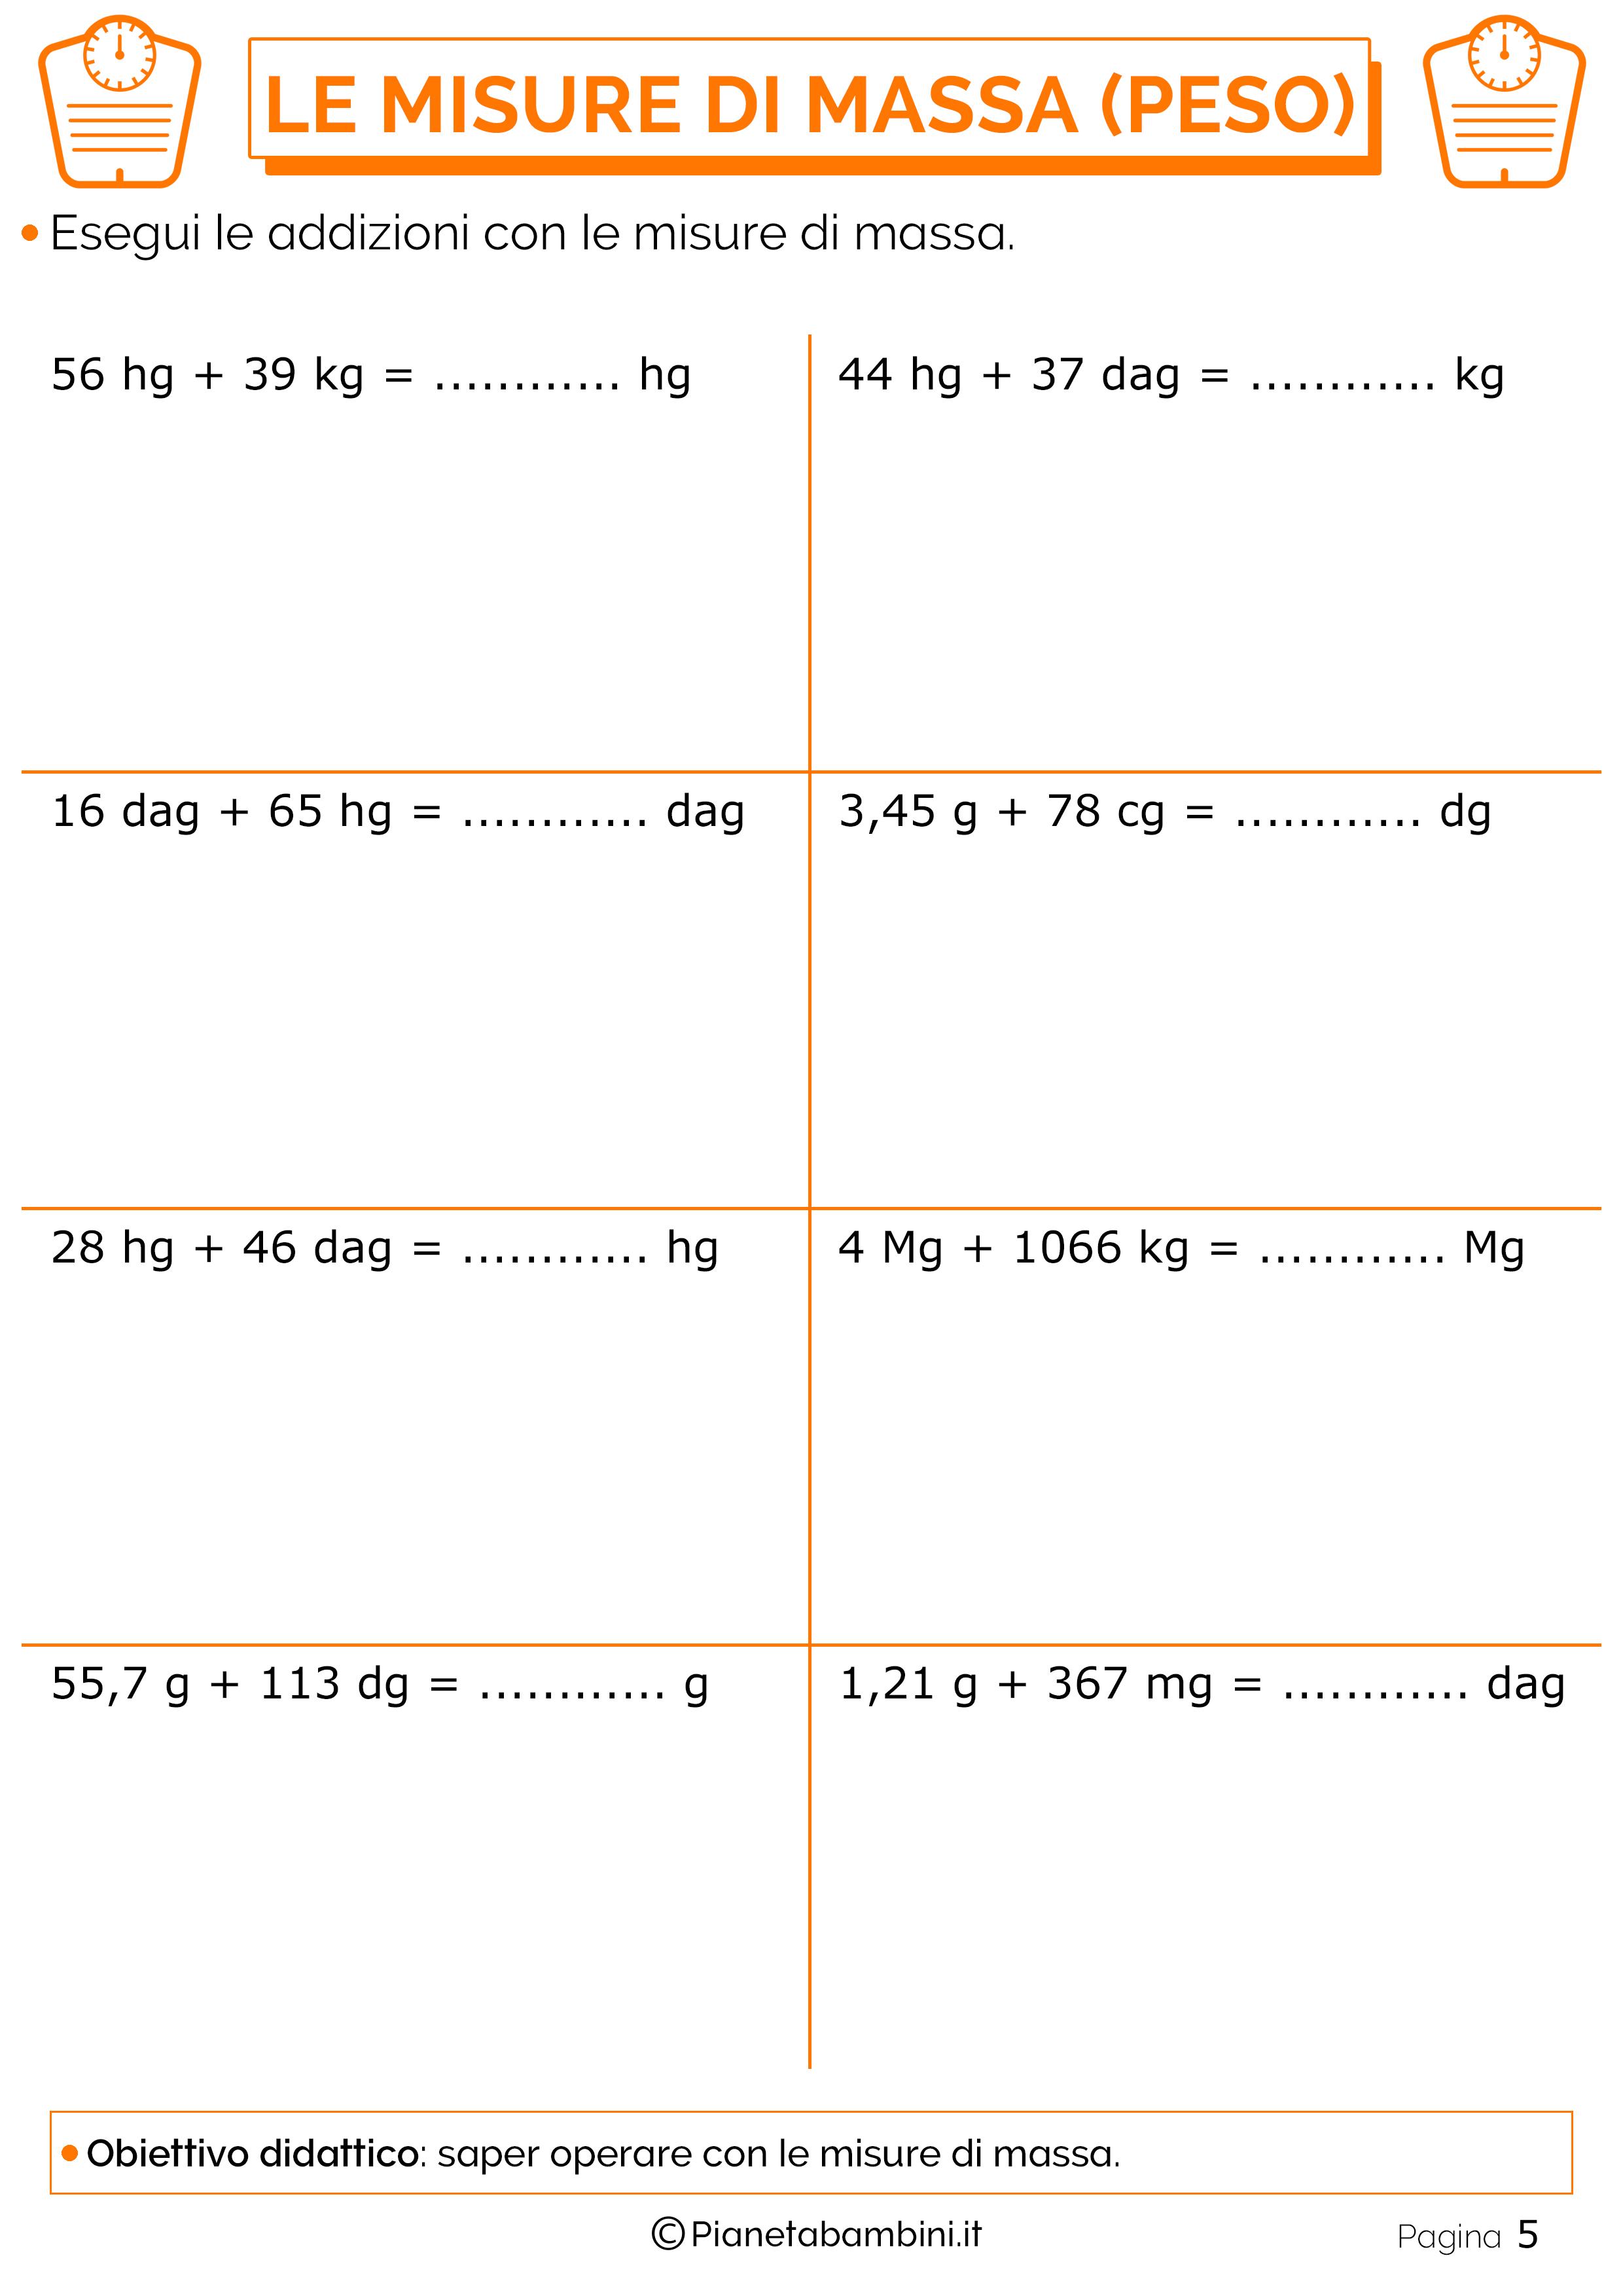 Addizioni-Misure-Massa-Peso